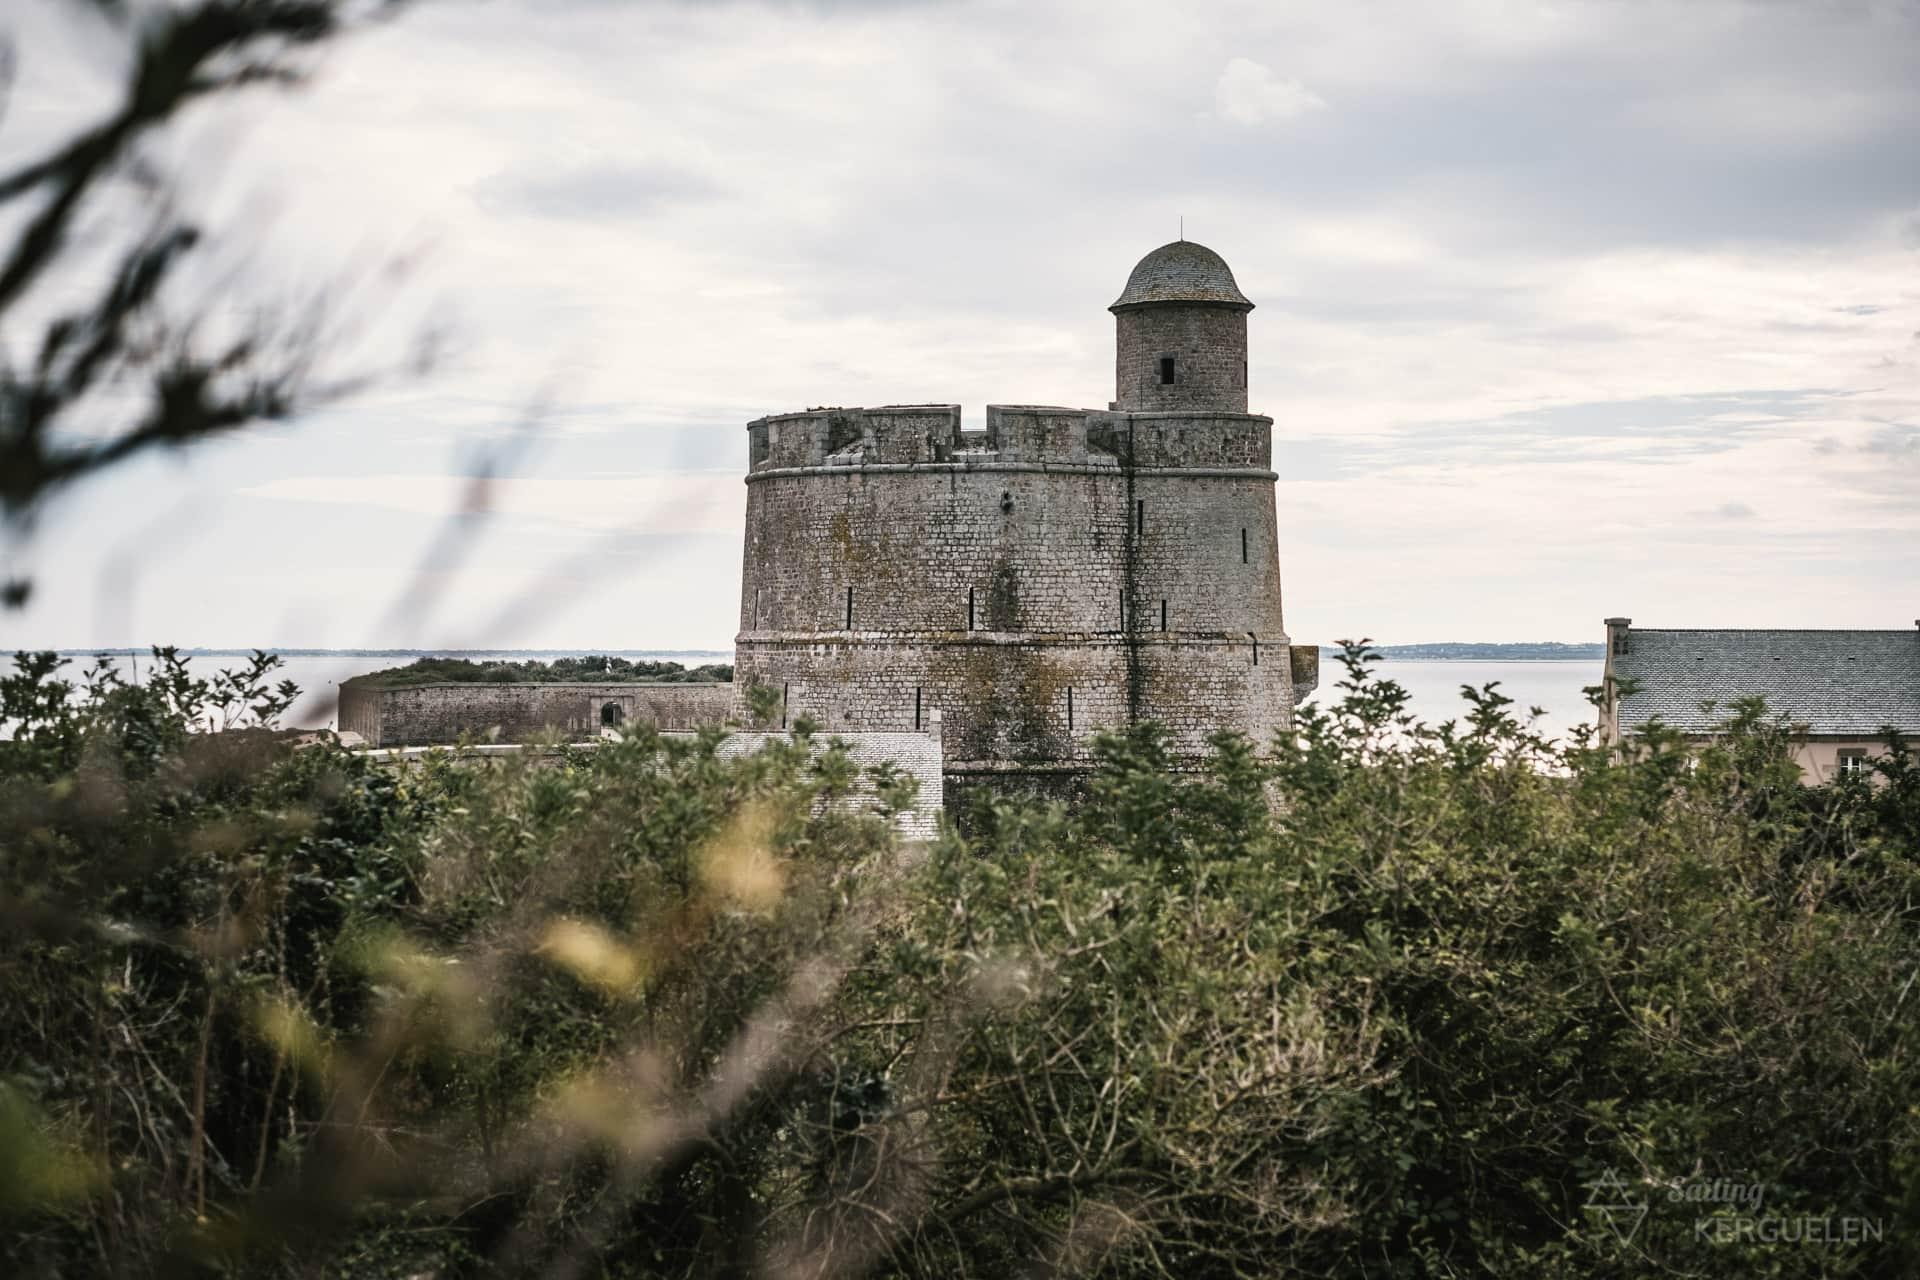 Le fort sur l'île de Tatihou